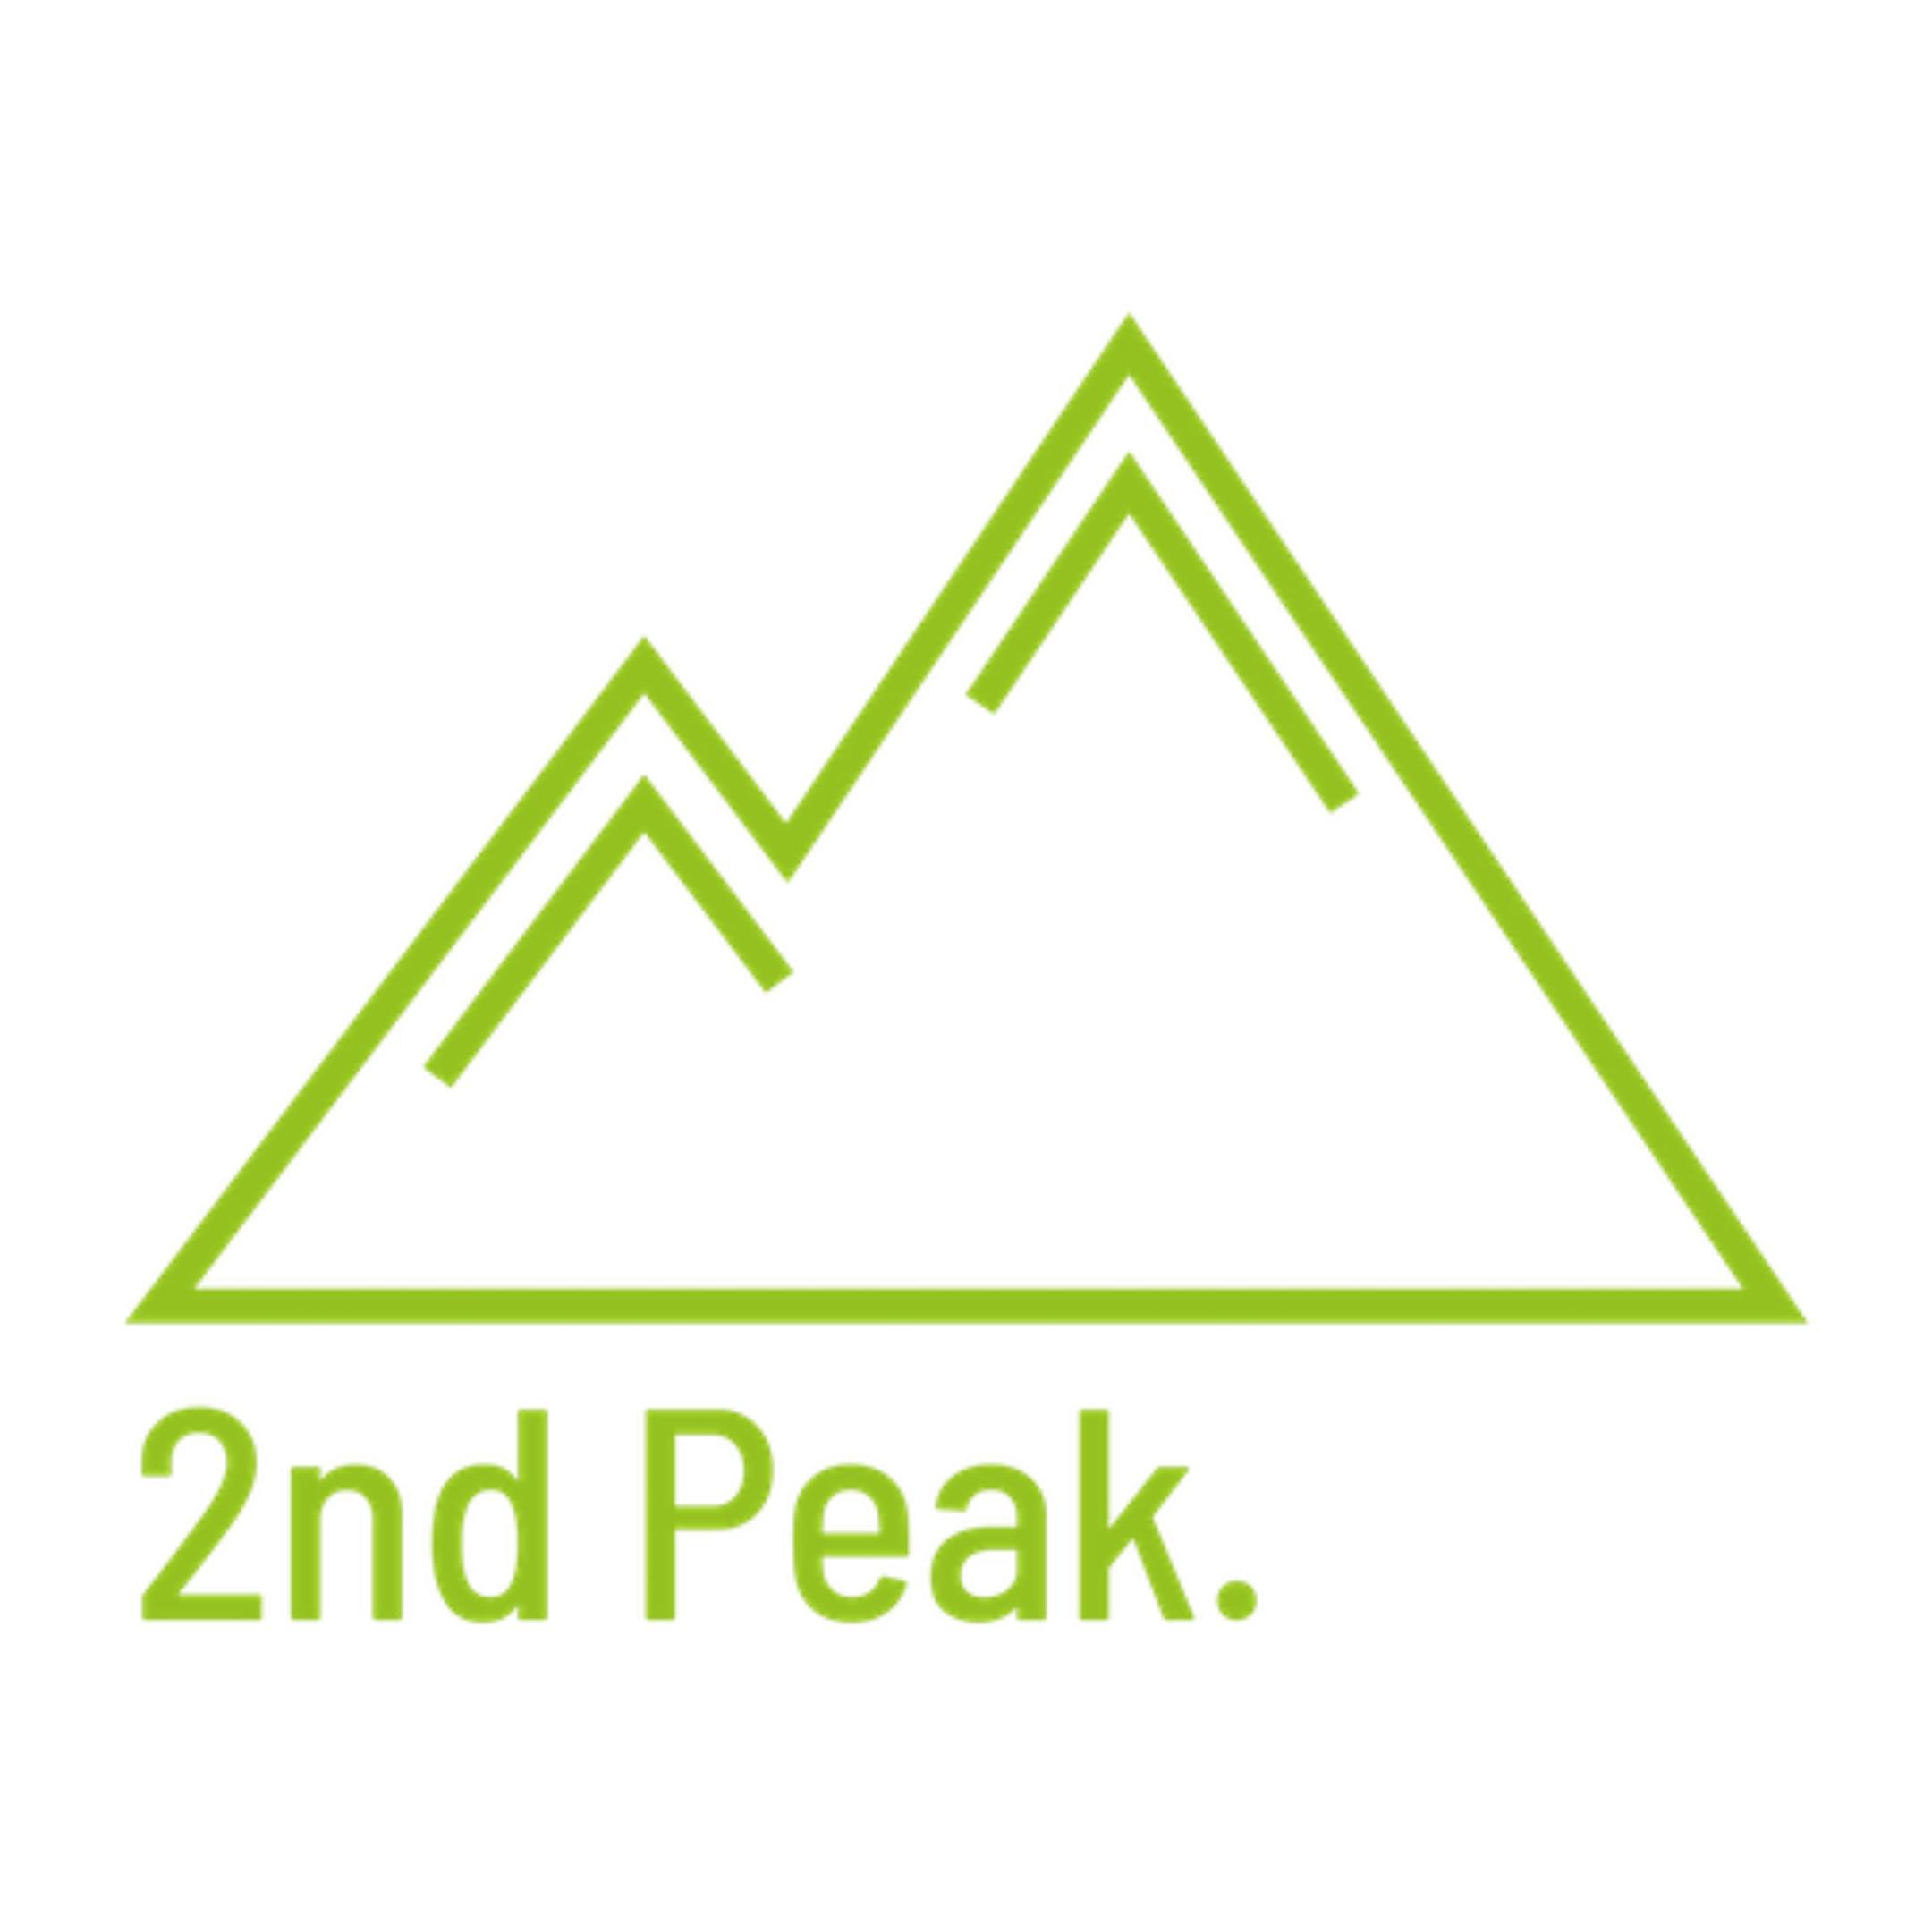 2nd Peak